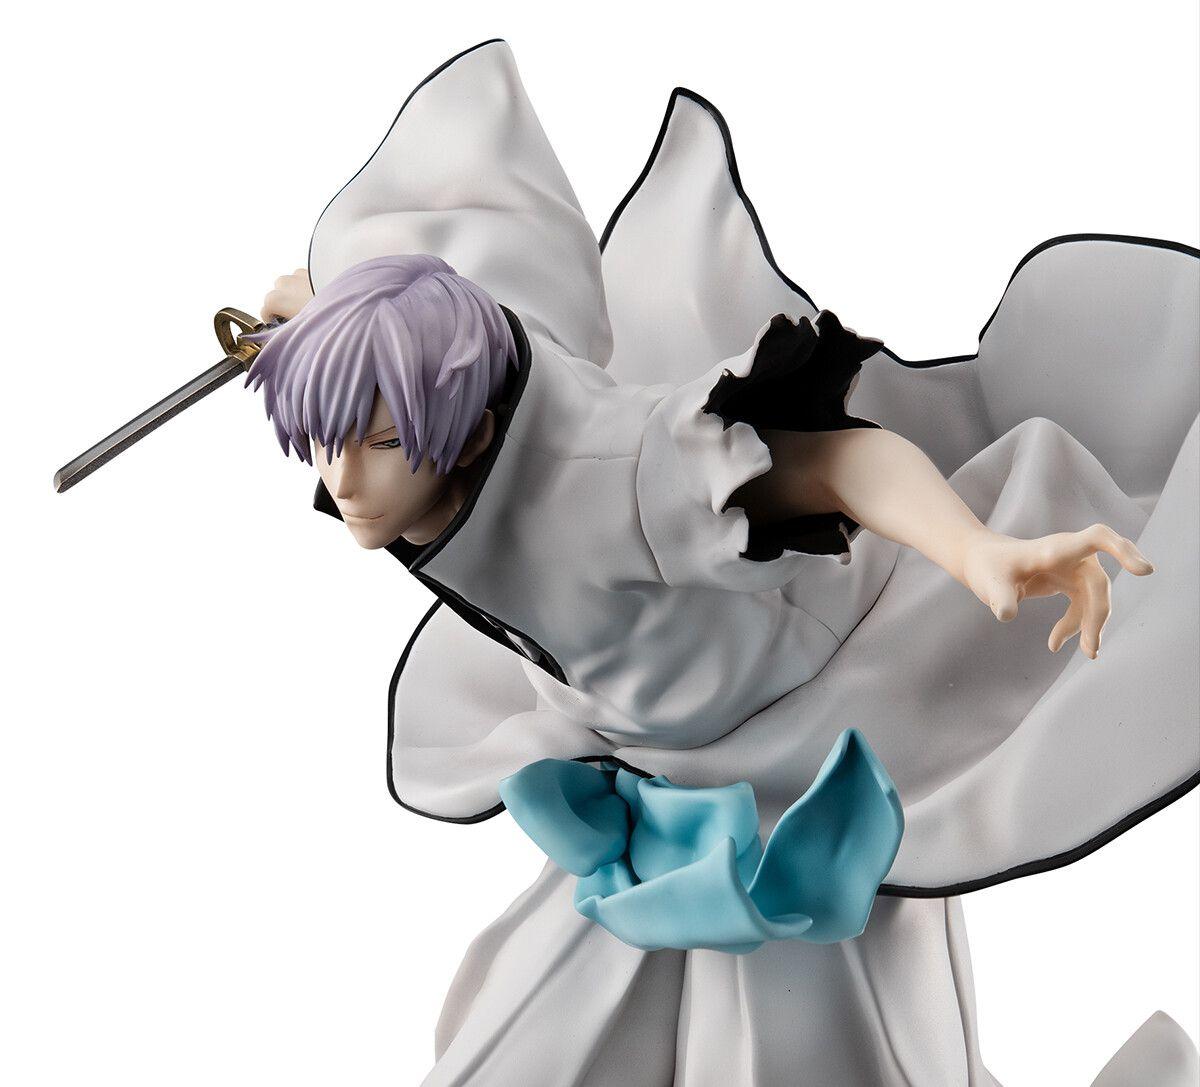 Ichimaru_4 - Figura semanal - (3-16-5-2021) - Hanami Dango